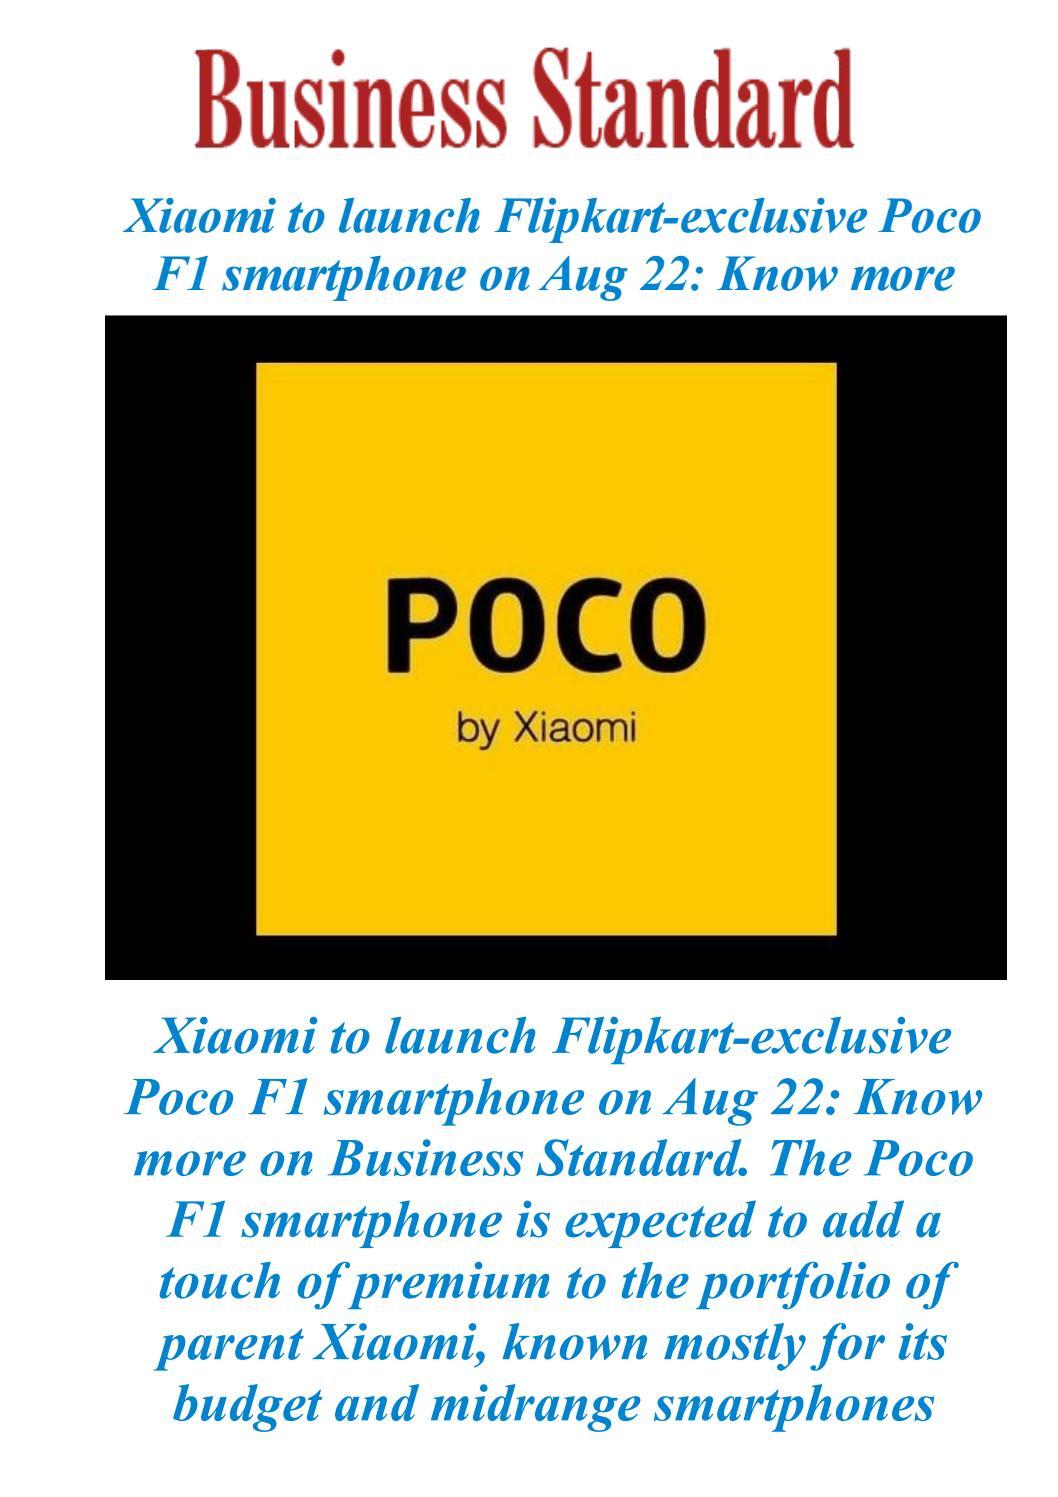 Xiaomi to launch Flipkart-exclusive Poco F1 smartphone on